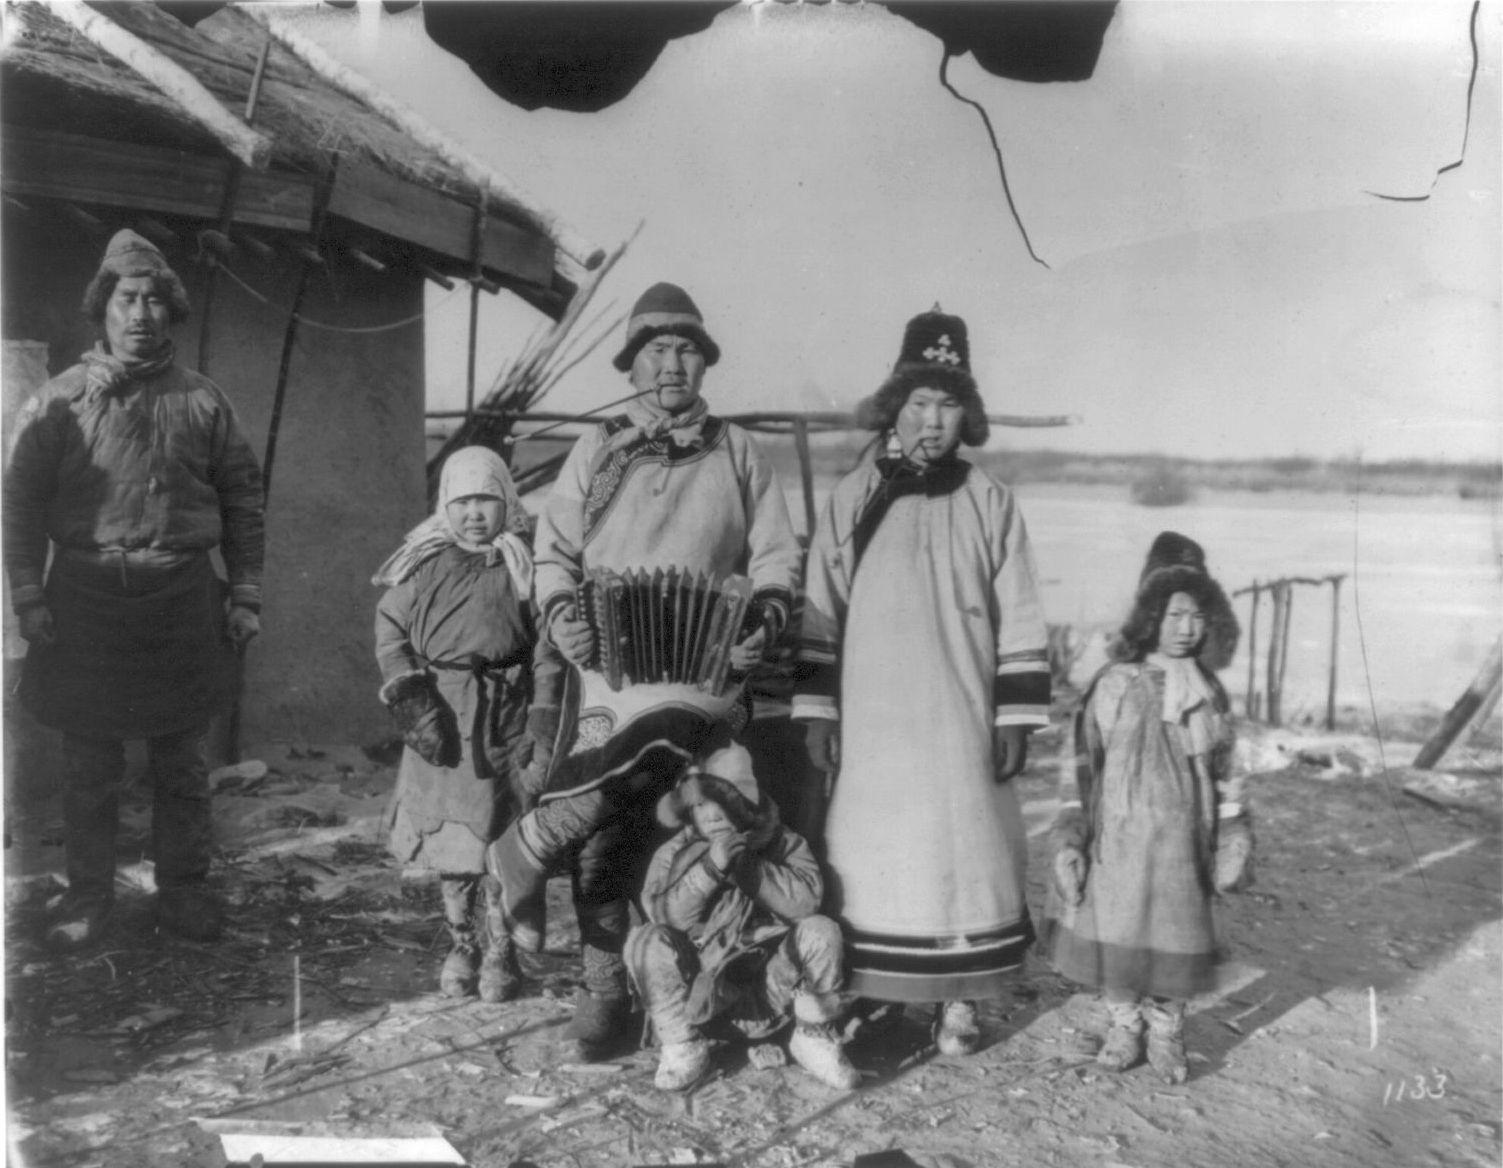 В деревне гольдов к северу от Хабаровска. Семья рыбаков возле дома